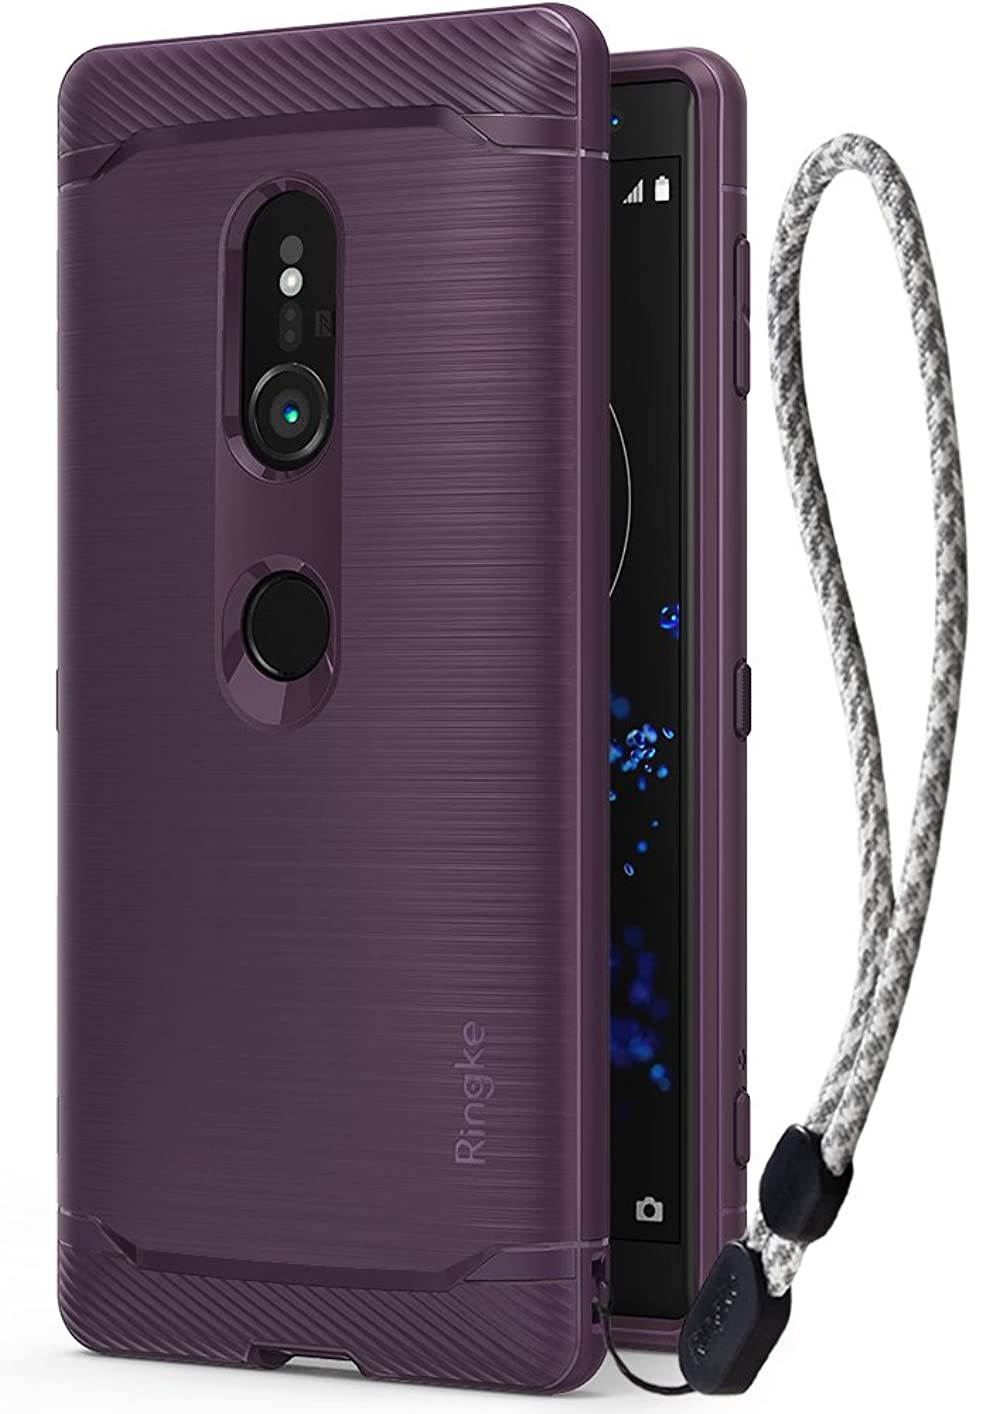 透けて見える余裕があるソーシャル【Ringke】Sony Xperia XZ2 ケース 対応 コスパ最高 落下防止 ストラップホール スマホケース【軍用規格落下試験済み】吸収耐衝撃カバー Qi ワイヤレス充電対応 Onyx (Lilac Purple/ライラックパープル) XperiaXZ2 ケース